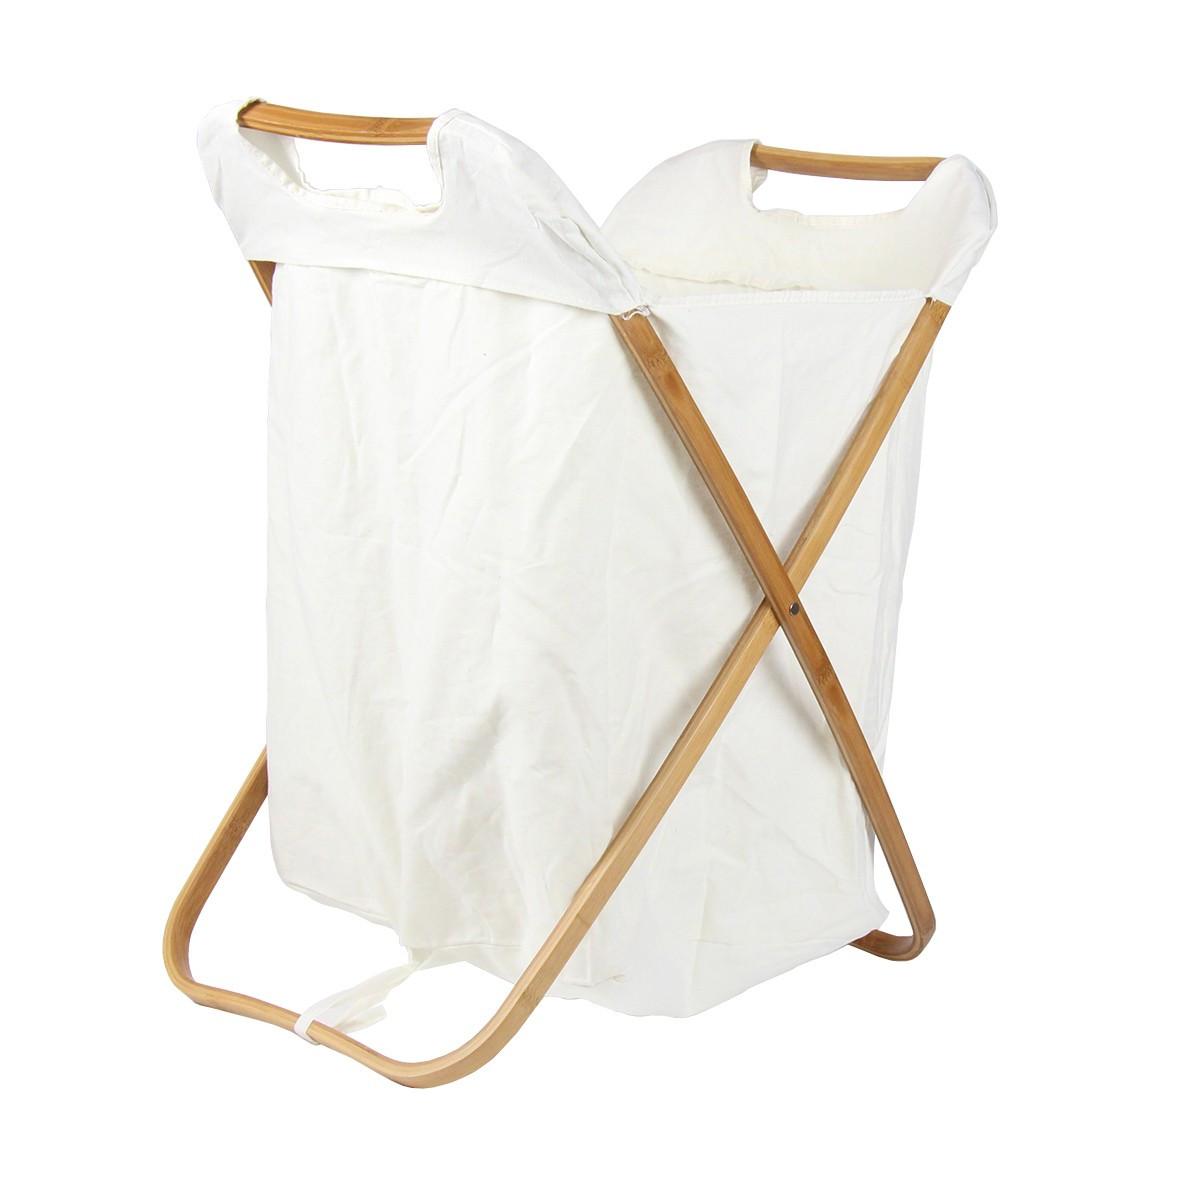 panier pour ranger le linge sale en bambou et tisu blanc livraison en point relay. Black Bedroom Furniture Sets. Home Design Ideas